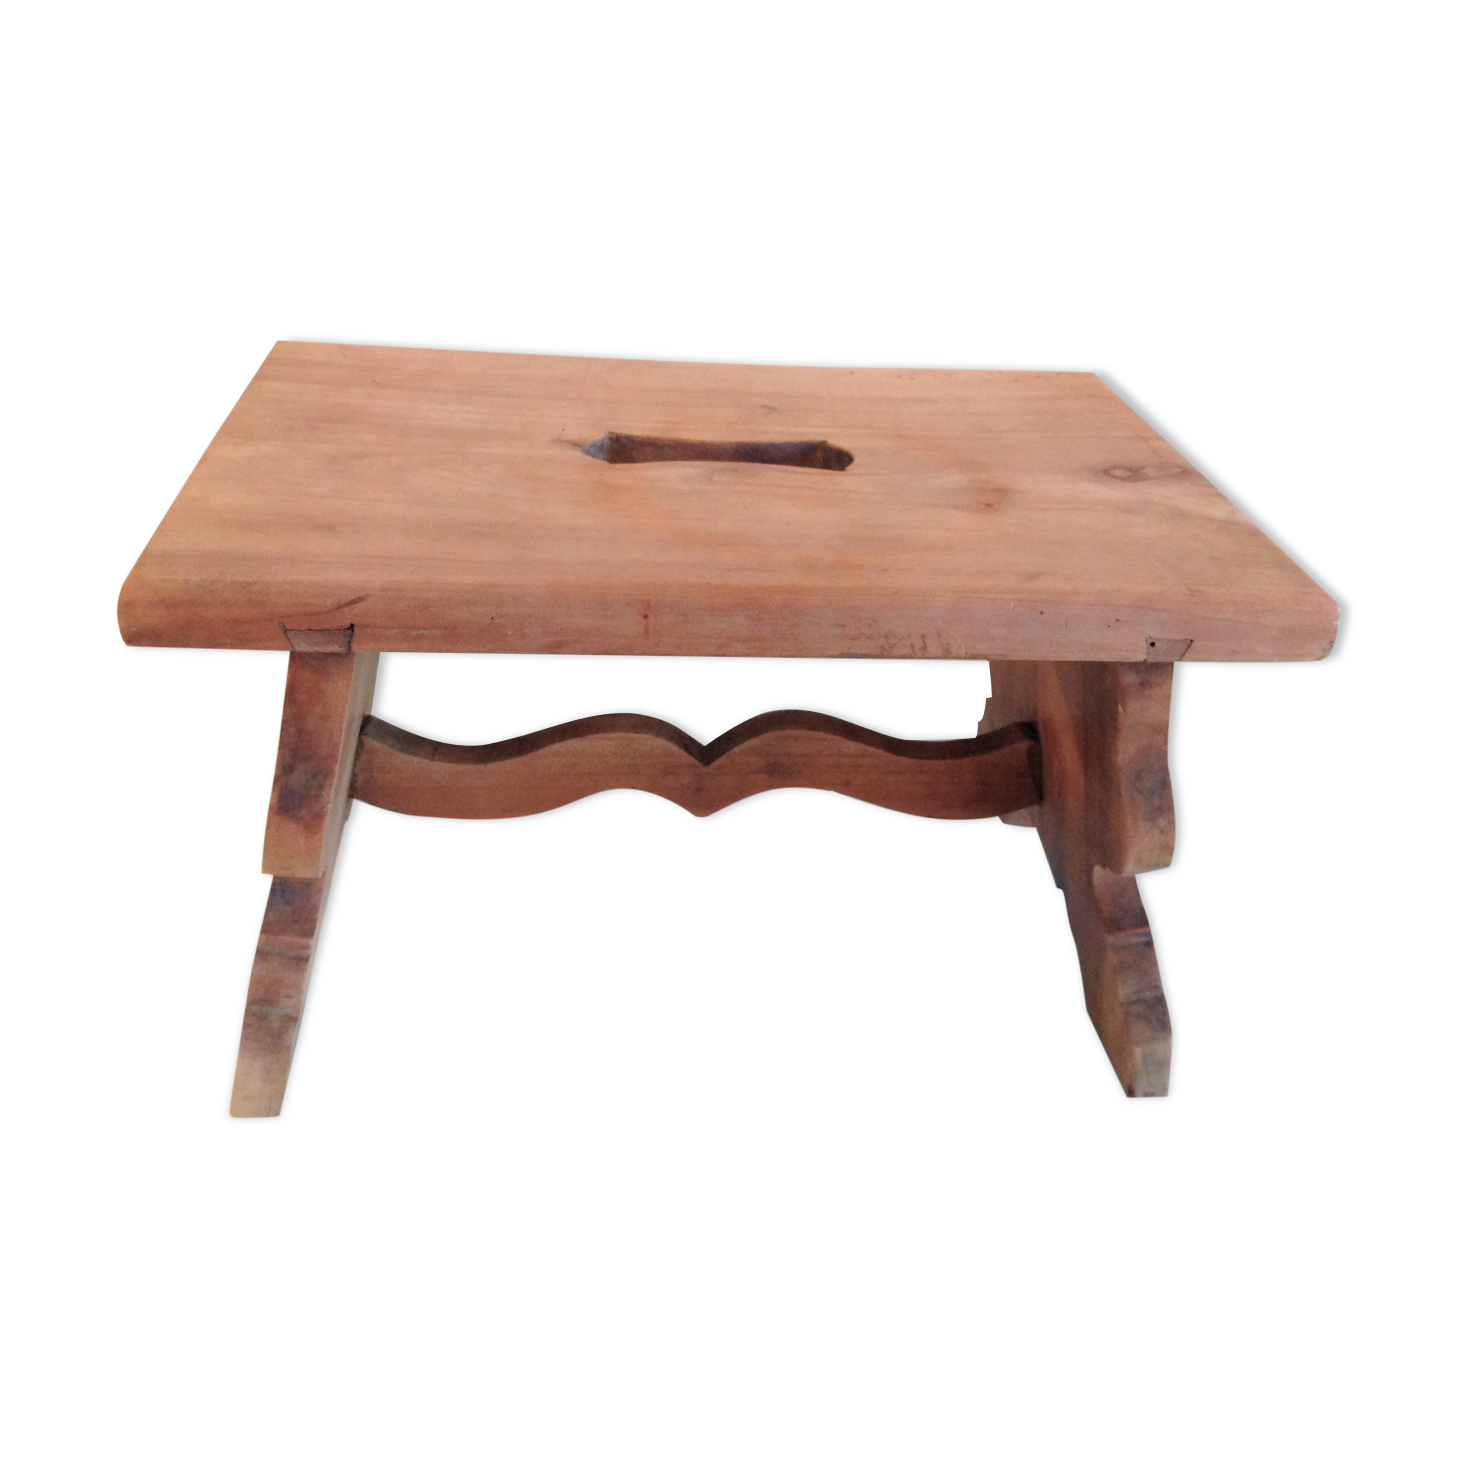 Tabouret marche pied en bois brut vintage années 50-60